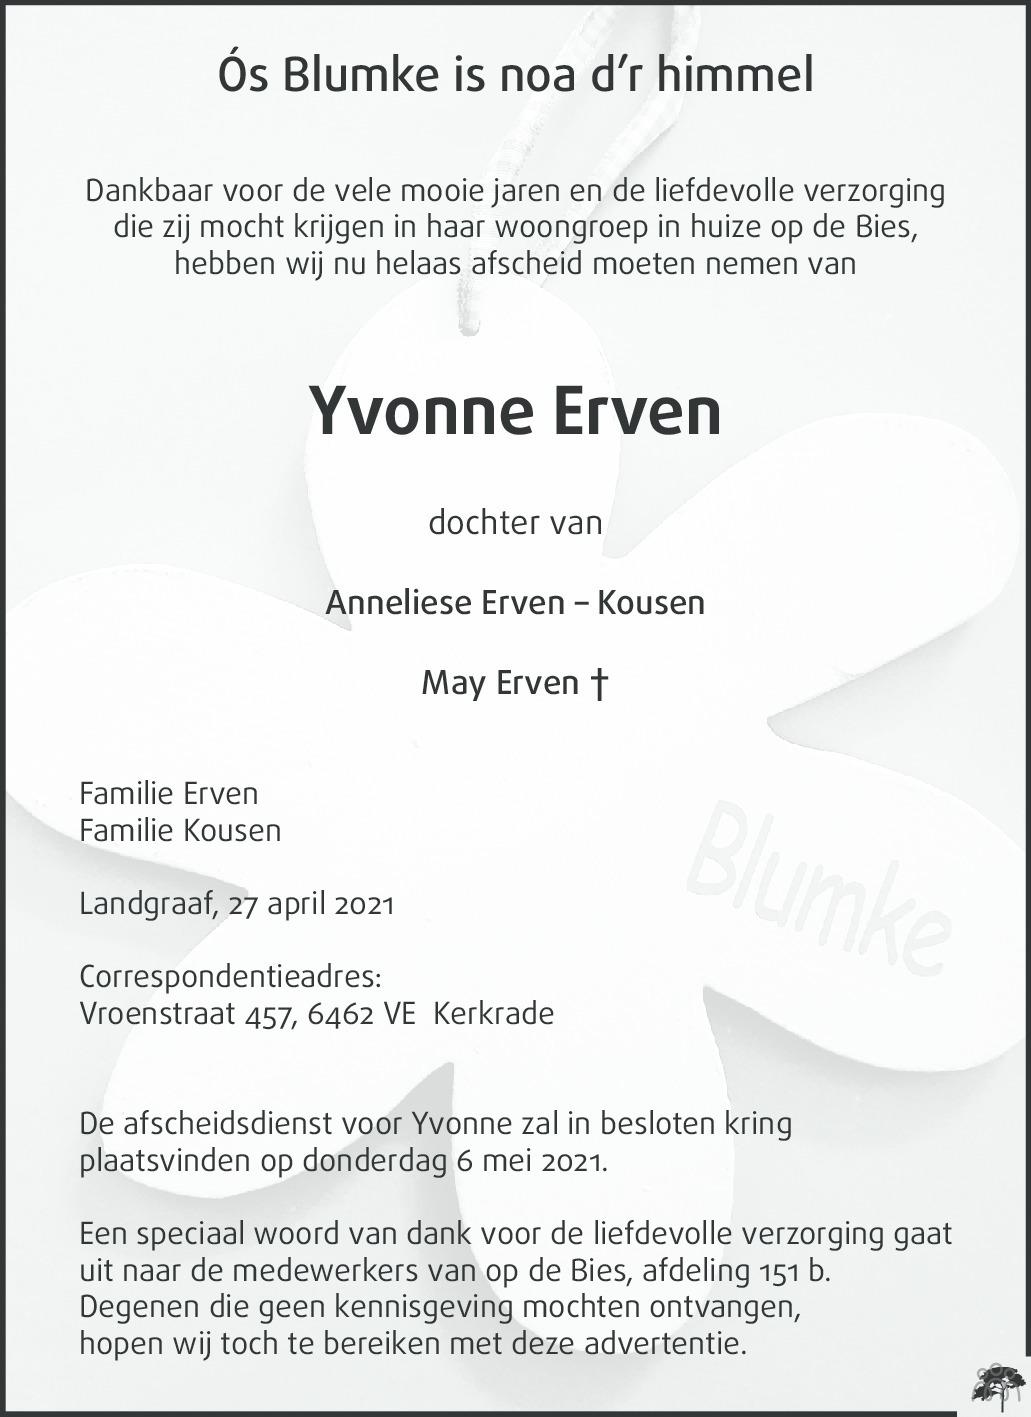 Overlijdensbericht van Yvonne Erven in De Limburger